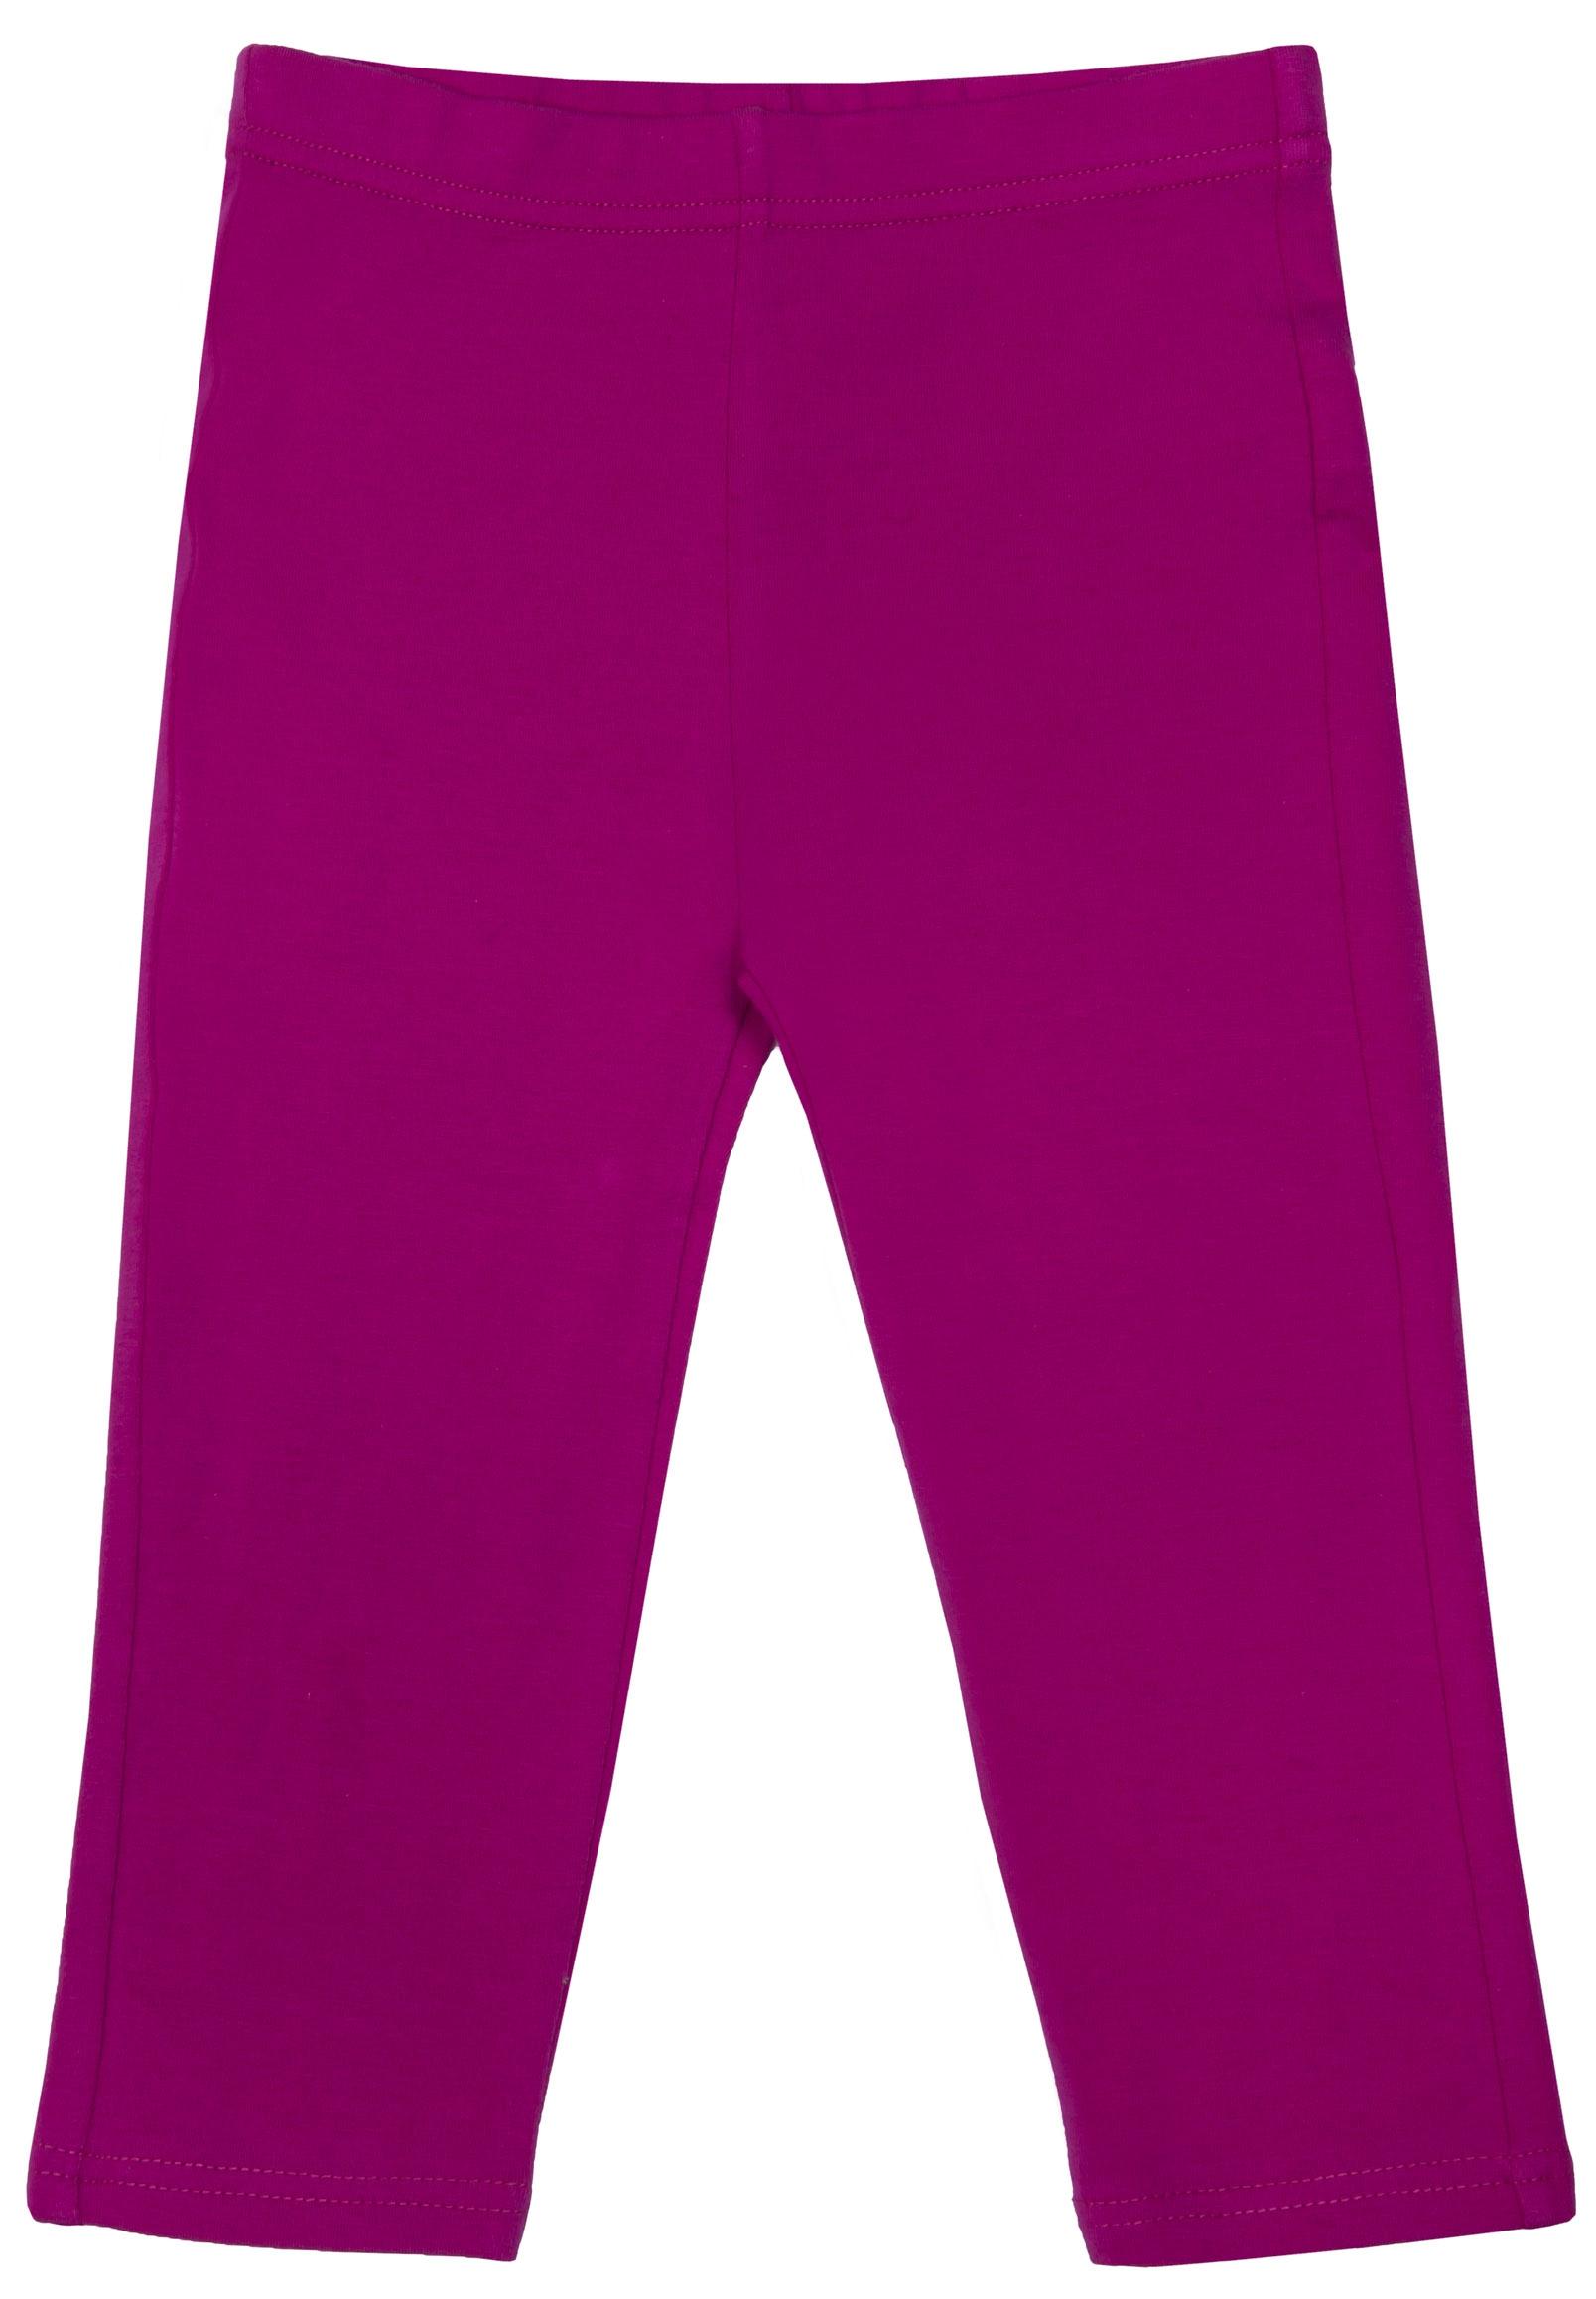 Купить Брюки для девочки, Друзья 1 для девочки трикотажные розовый, 1шт., Barkito W16G1005J(2), Узбекистан, pink, Женский